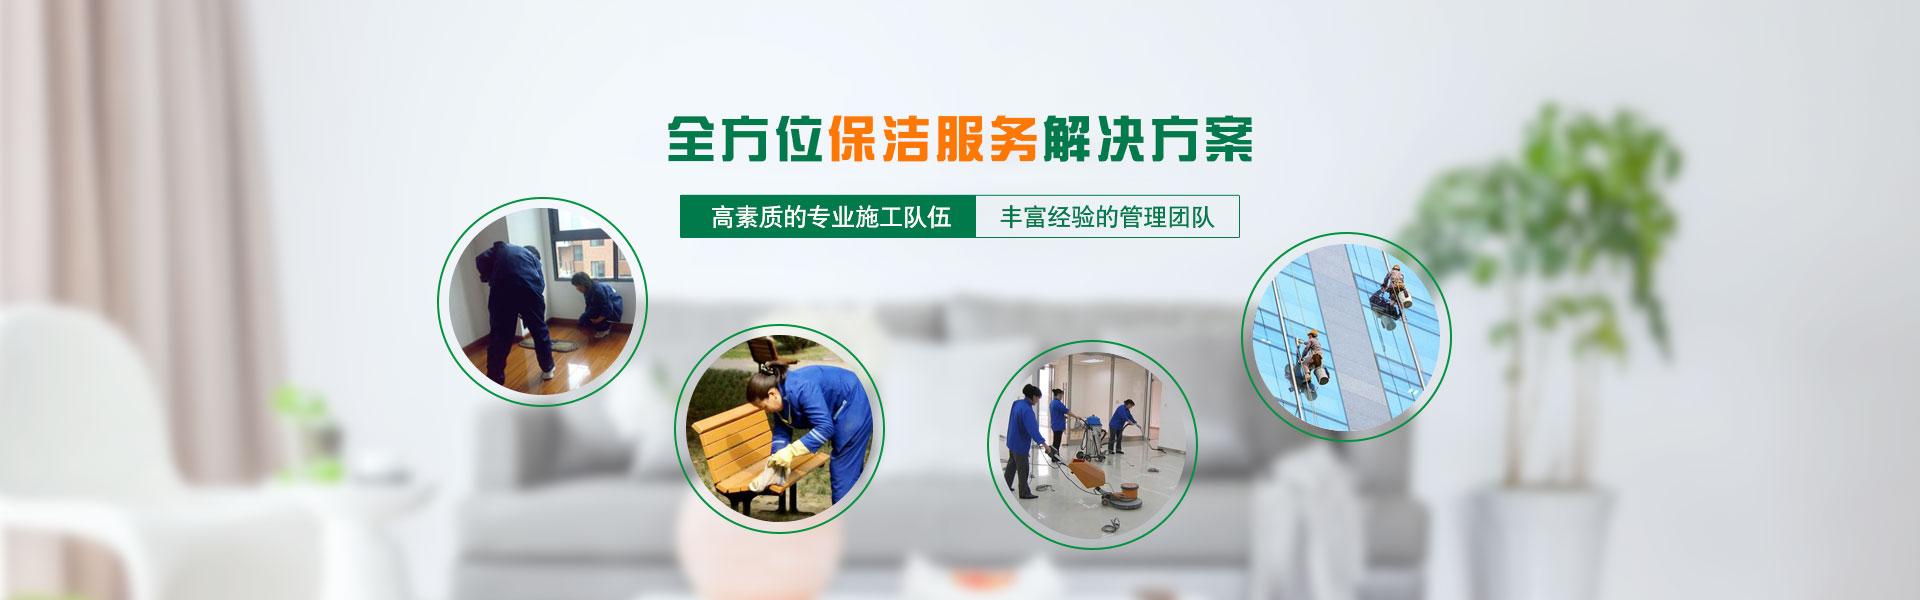 上海开荒保洁